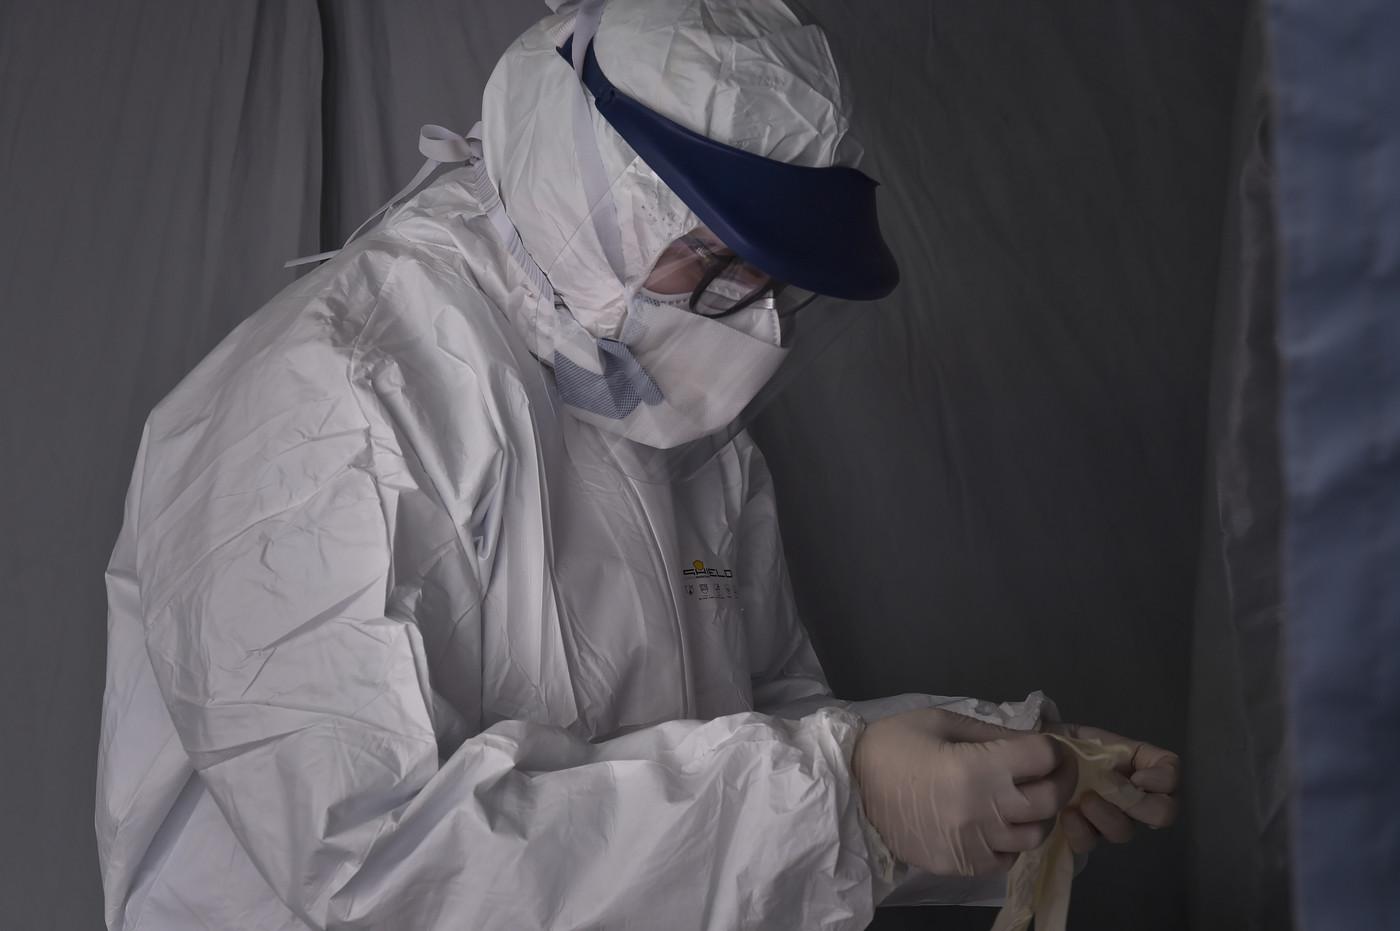 Coronavirus, nel mondo più di 60mila morti per la pandemia